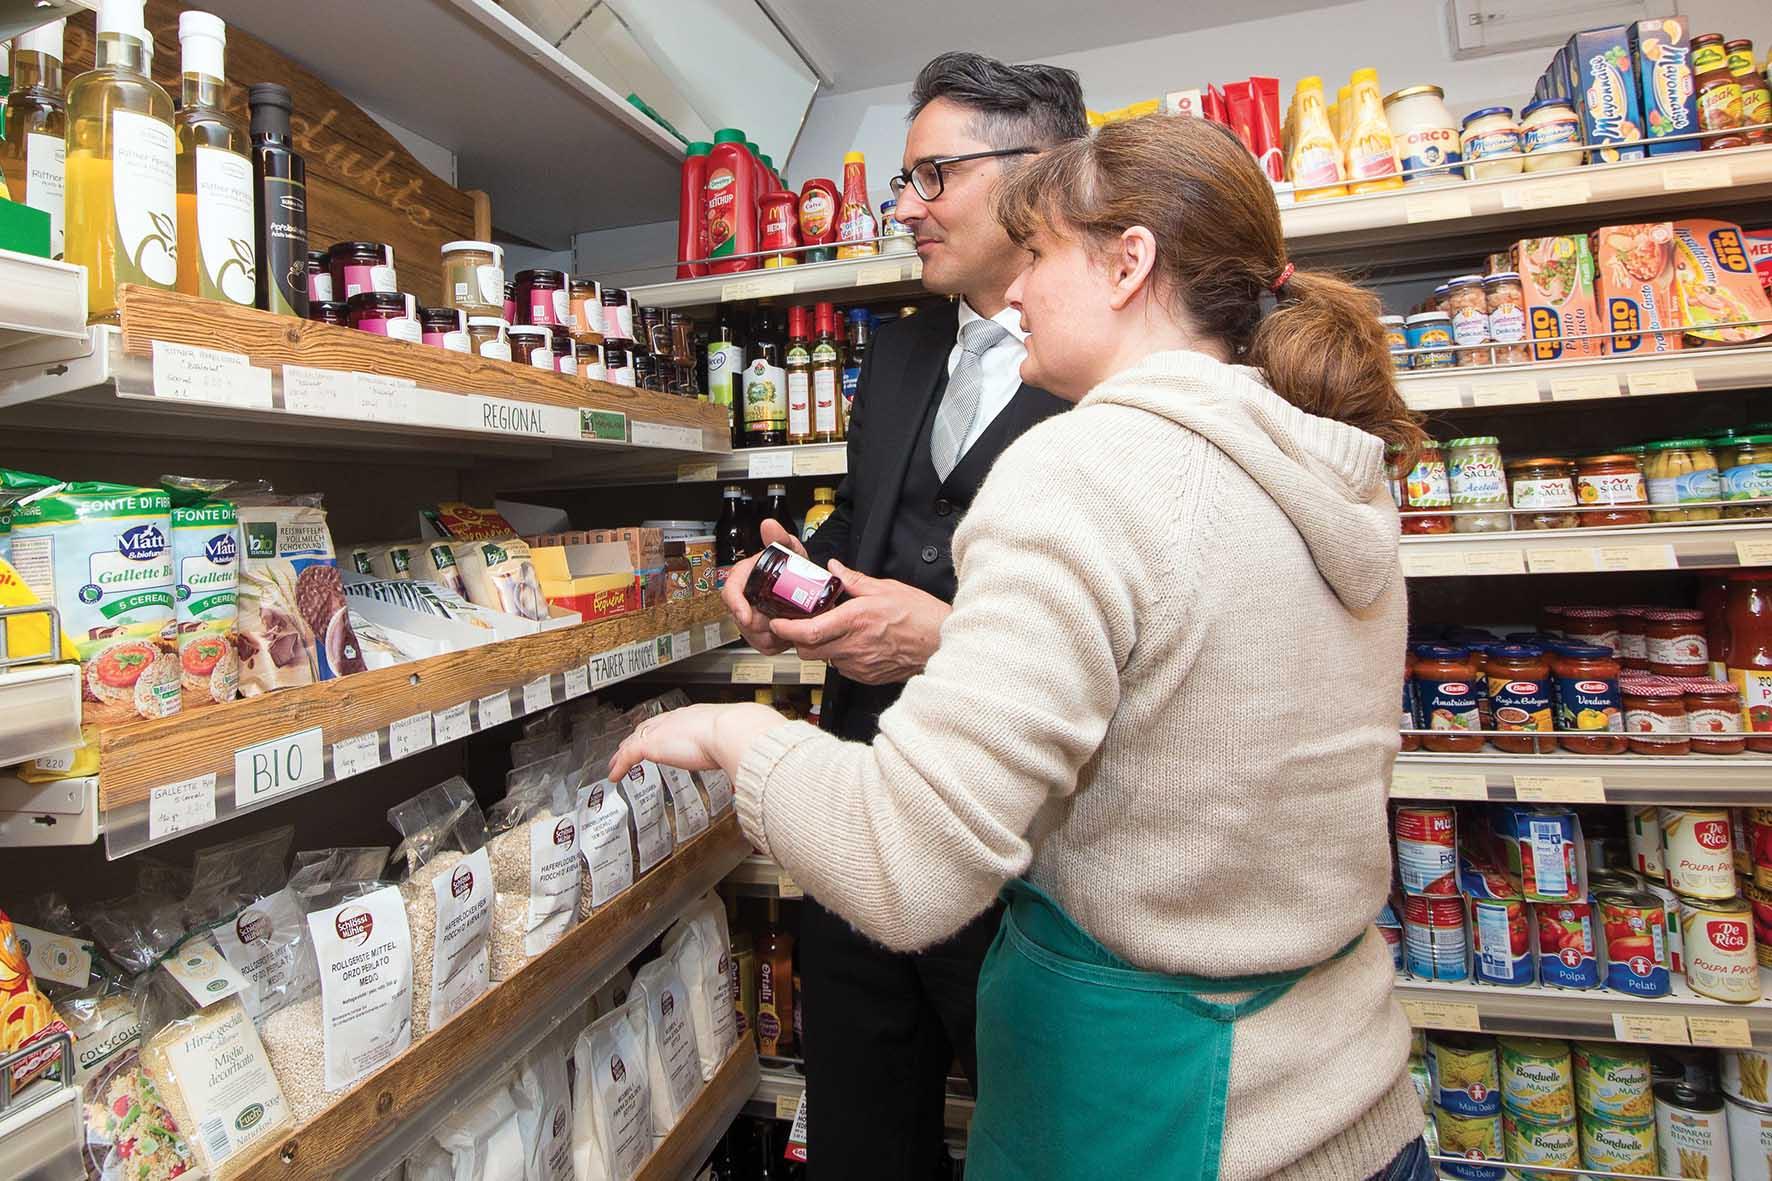 Pab negozi di vicinato Arno Kompatscher nel negozio della famiglia Öhler a Auna di Sopra 1